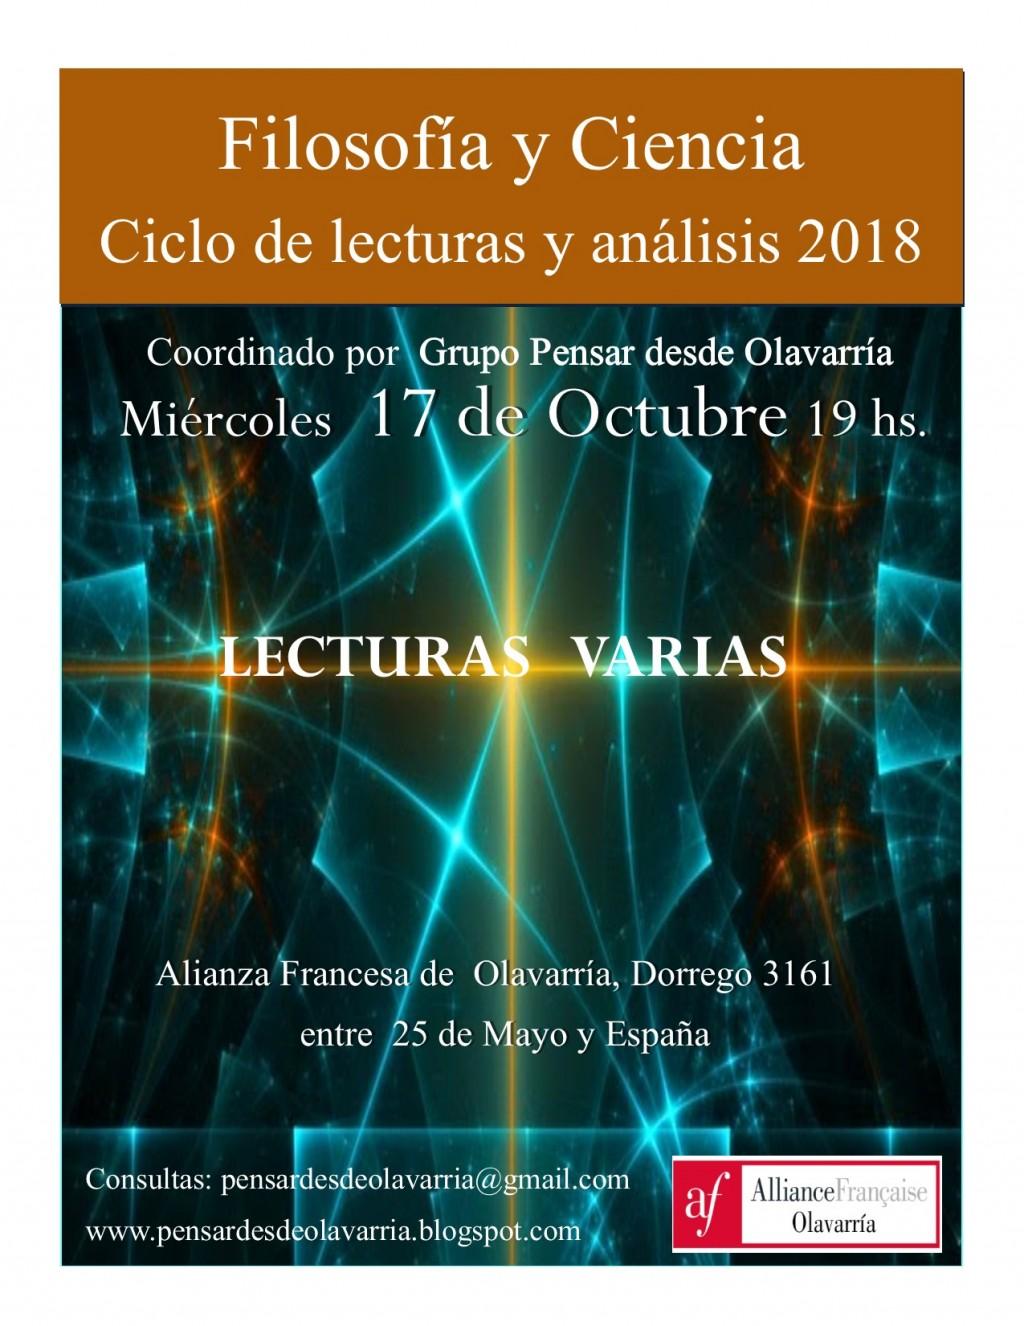 Nuevo encuentro del ciclo Filosofía y Ciencia